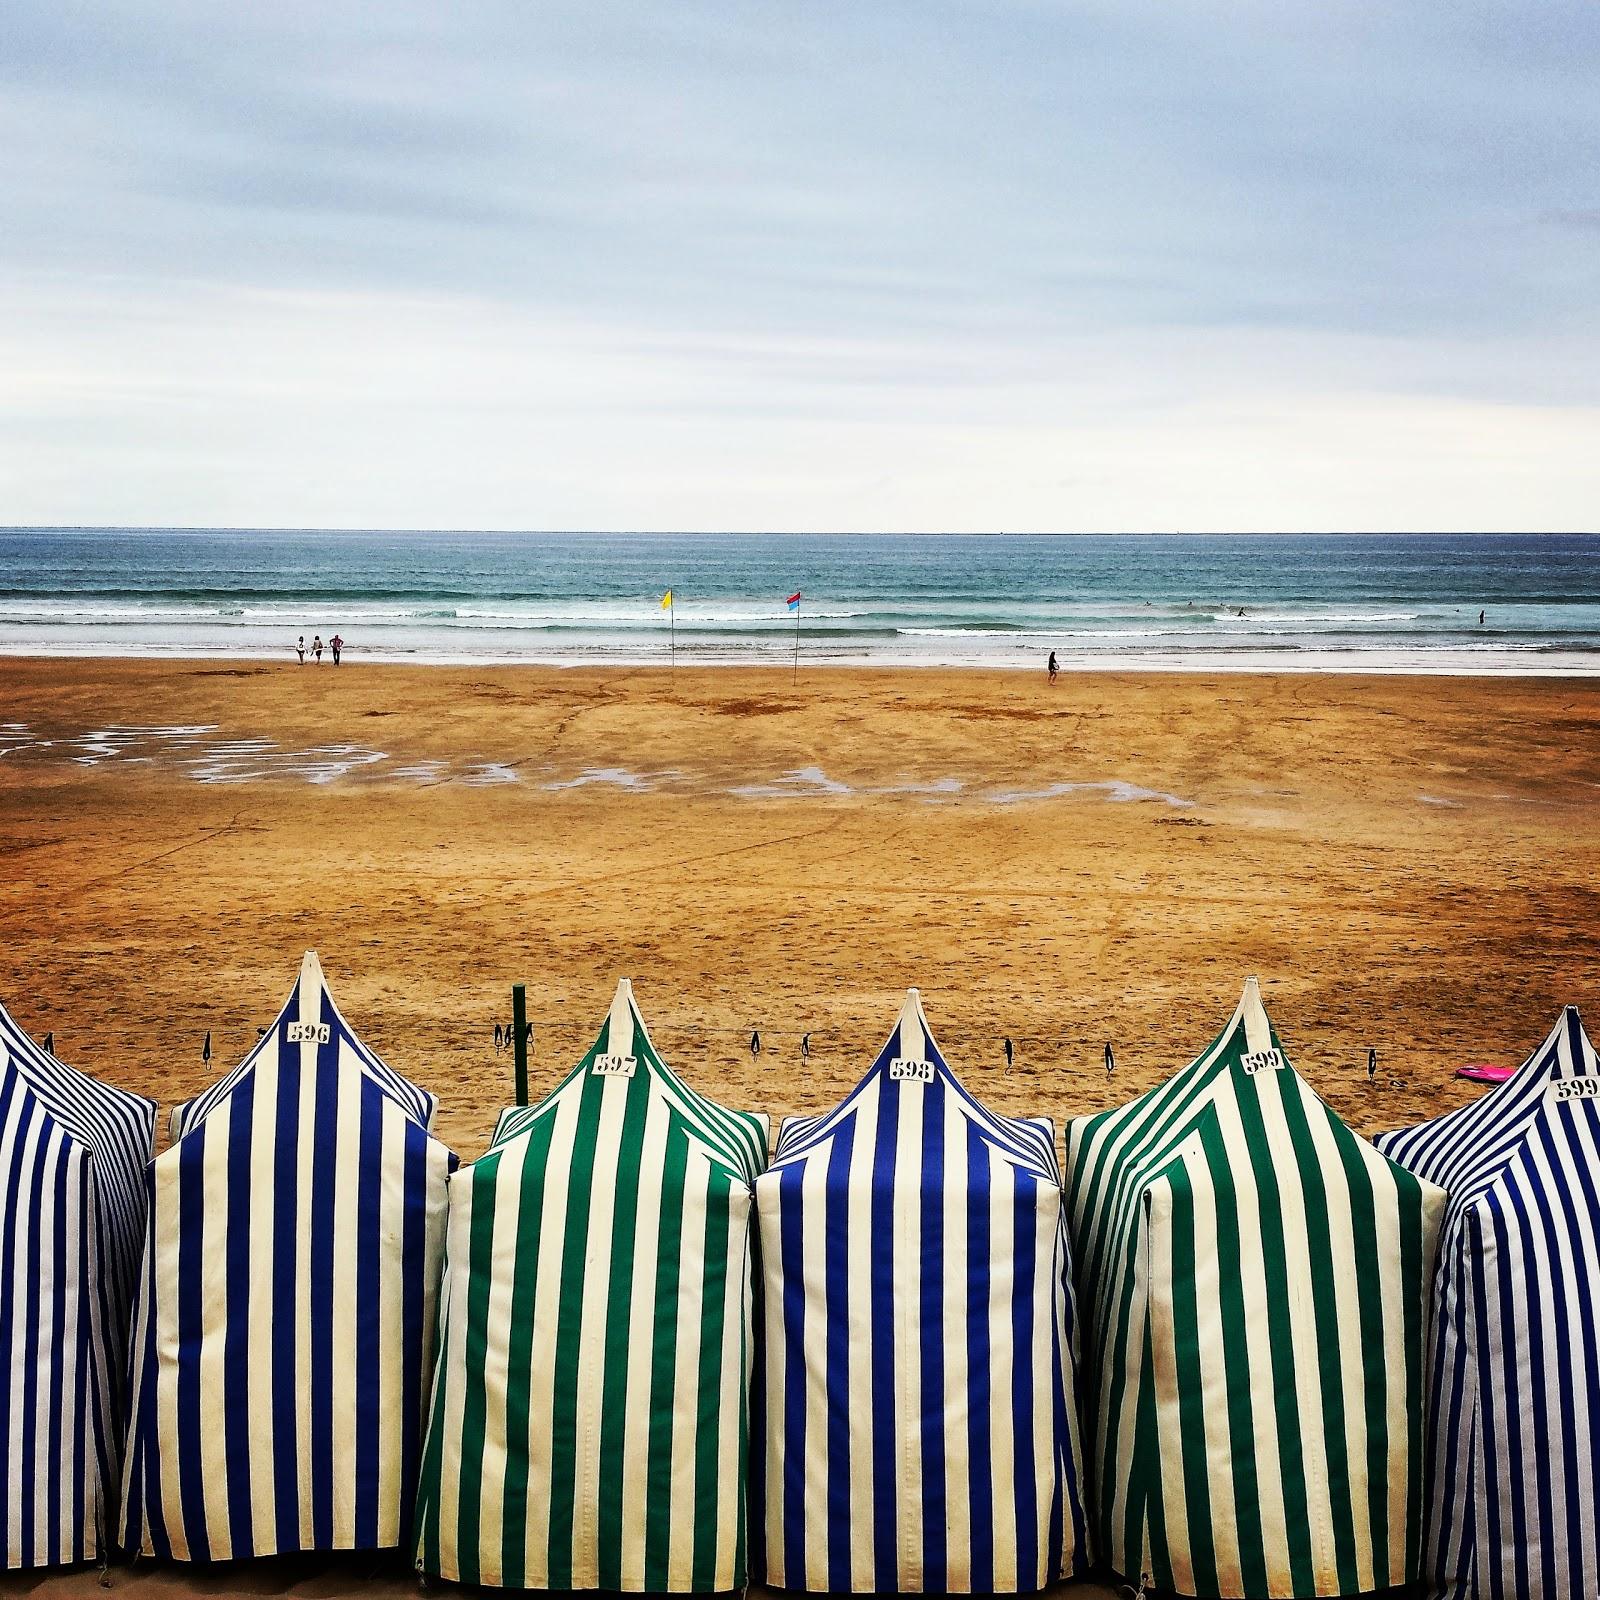 La meteo que viene zarautz con instagram 1 3 ago - Toldos para la playa ...